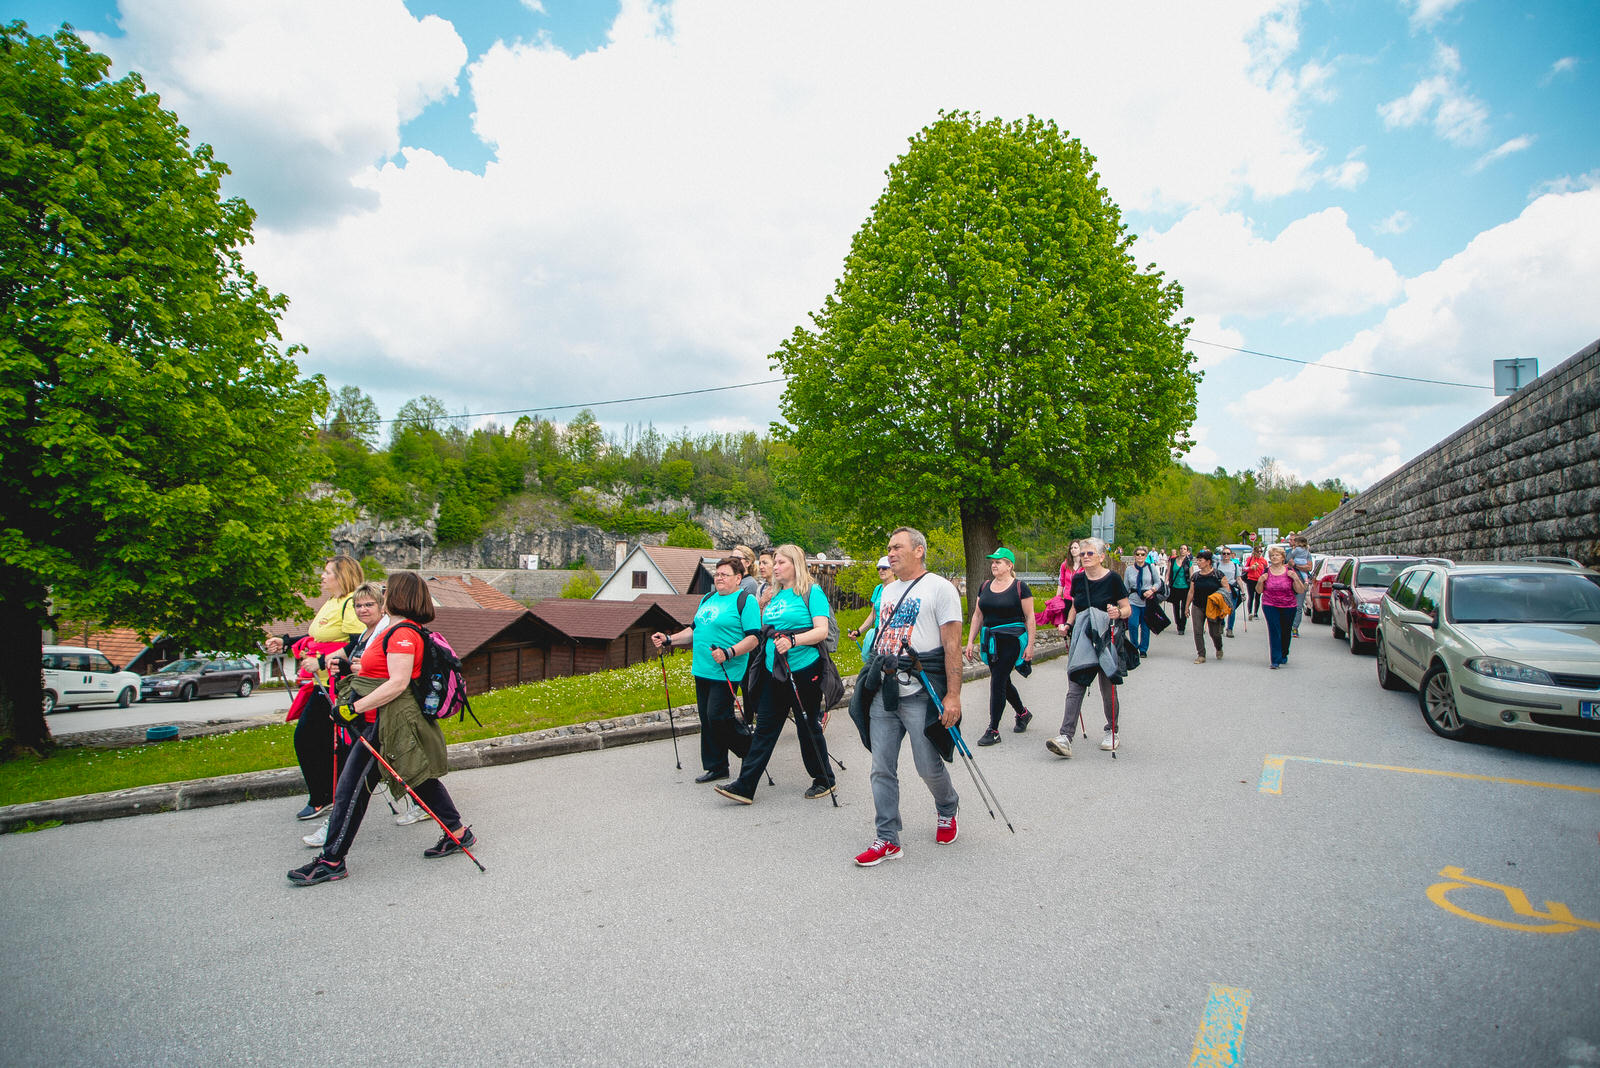 likaclub_slunj_rastoke_5-festival-nordijskog-hodanja_2019-96